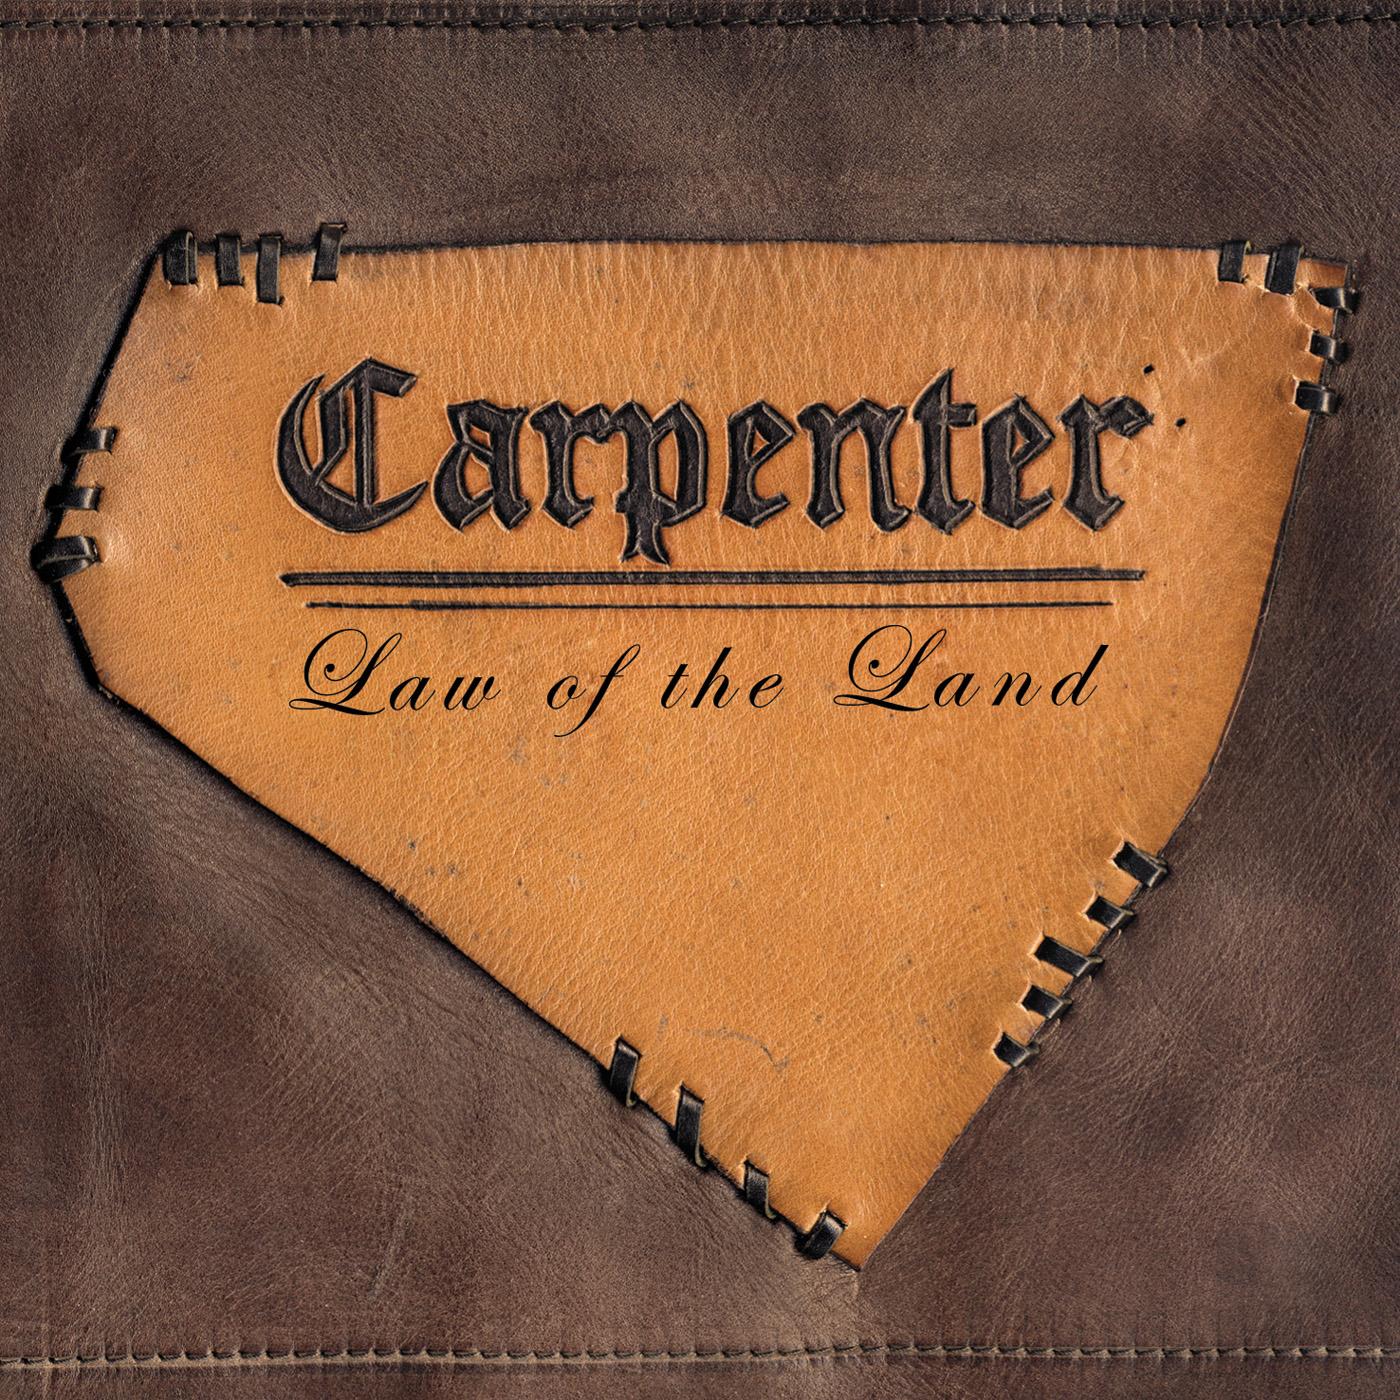 carpenter_cover.jpg